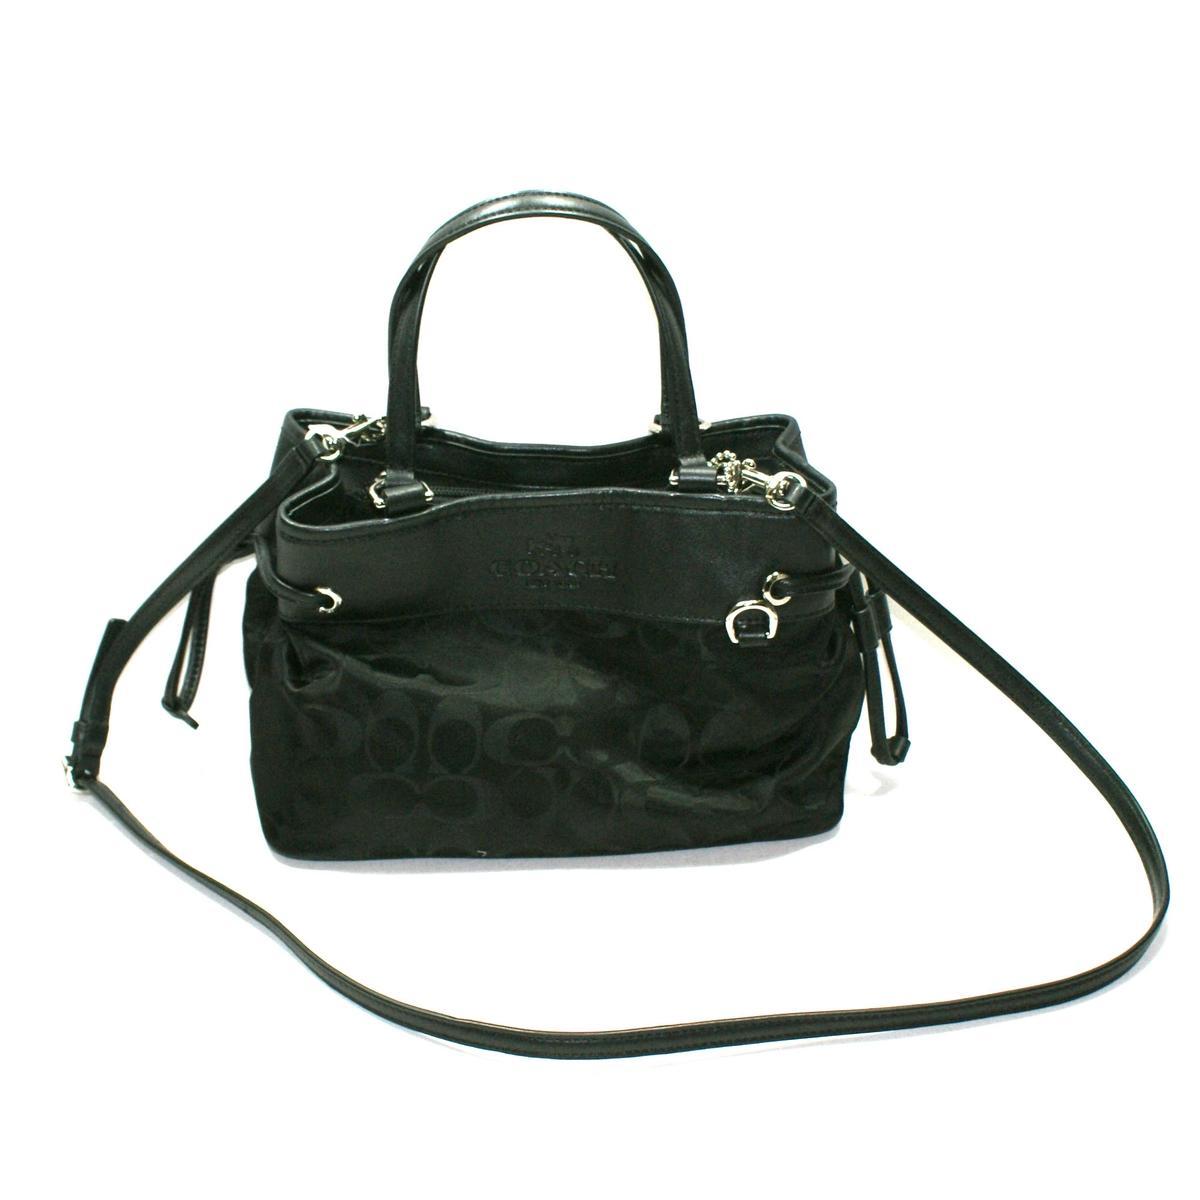 Coach Signature Nylon Mini Drawstring Handbag Crossbody